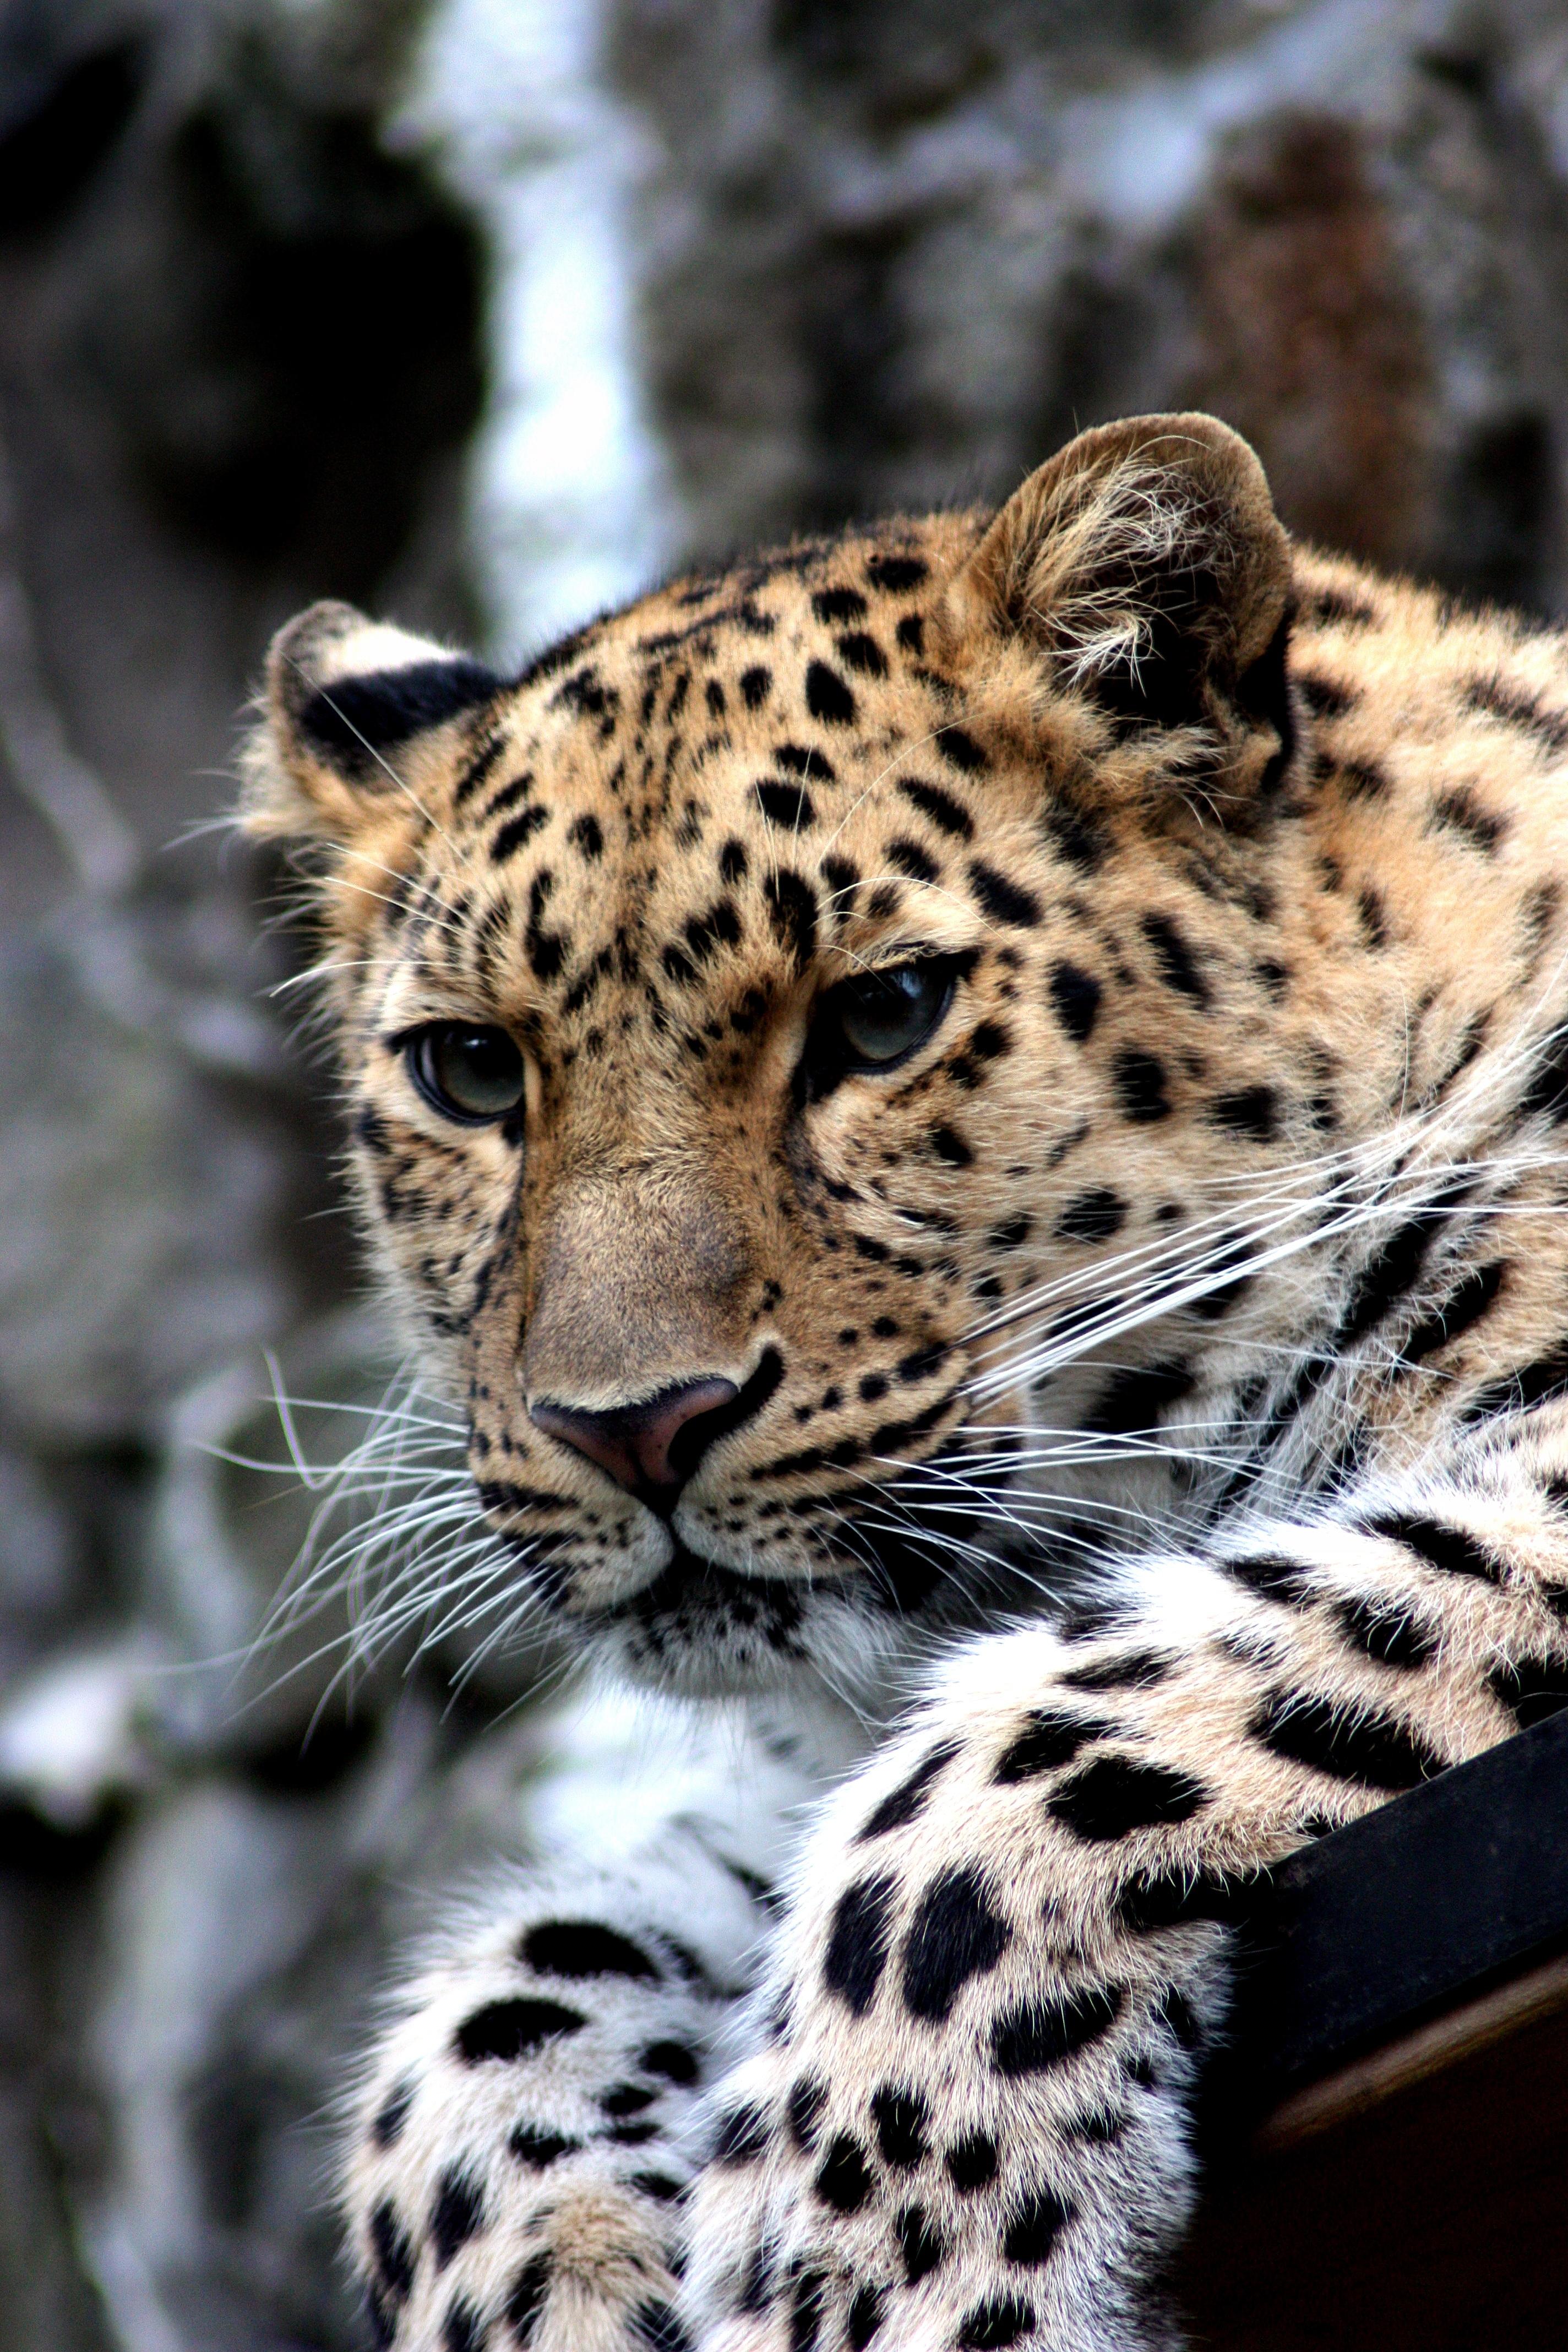 Cheetah Fur Close Up Free Images : n...